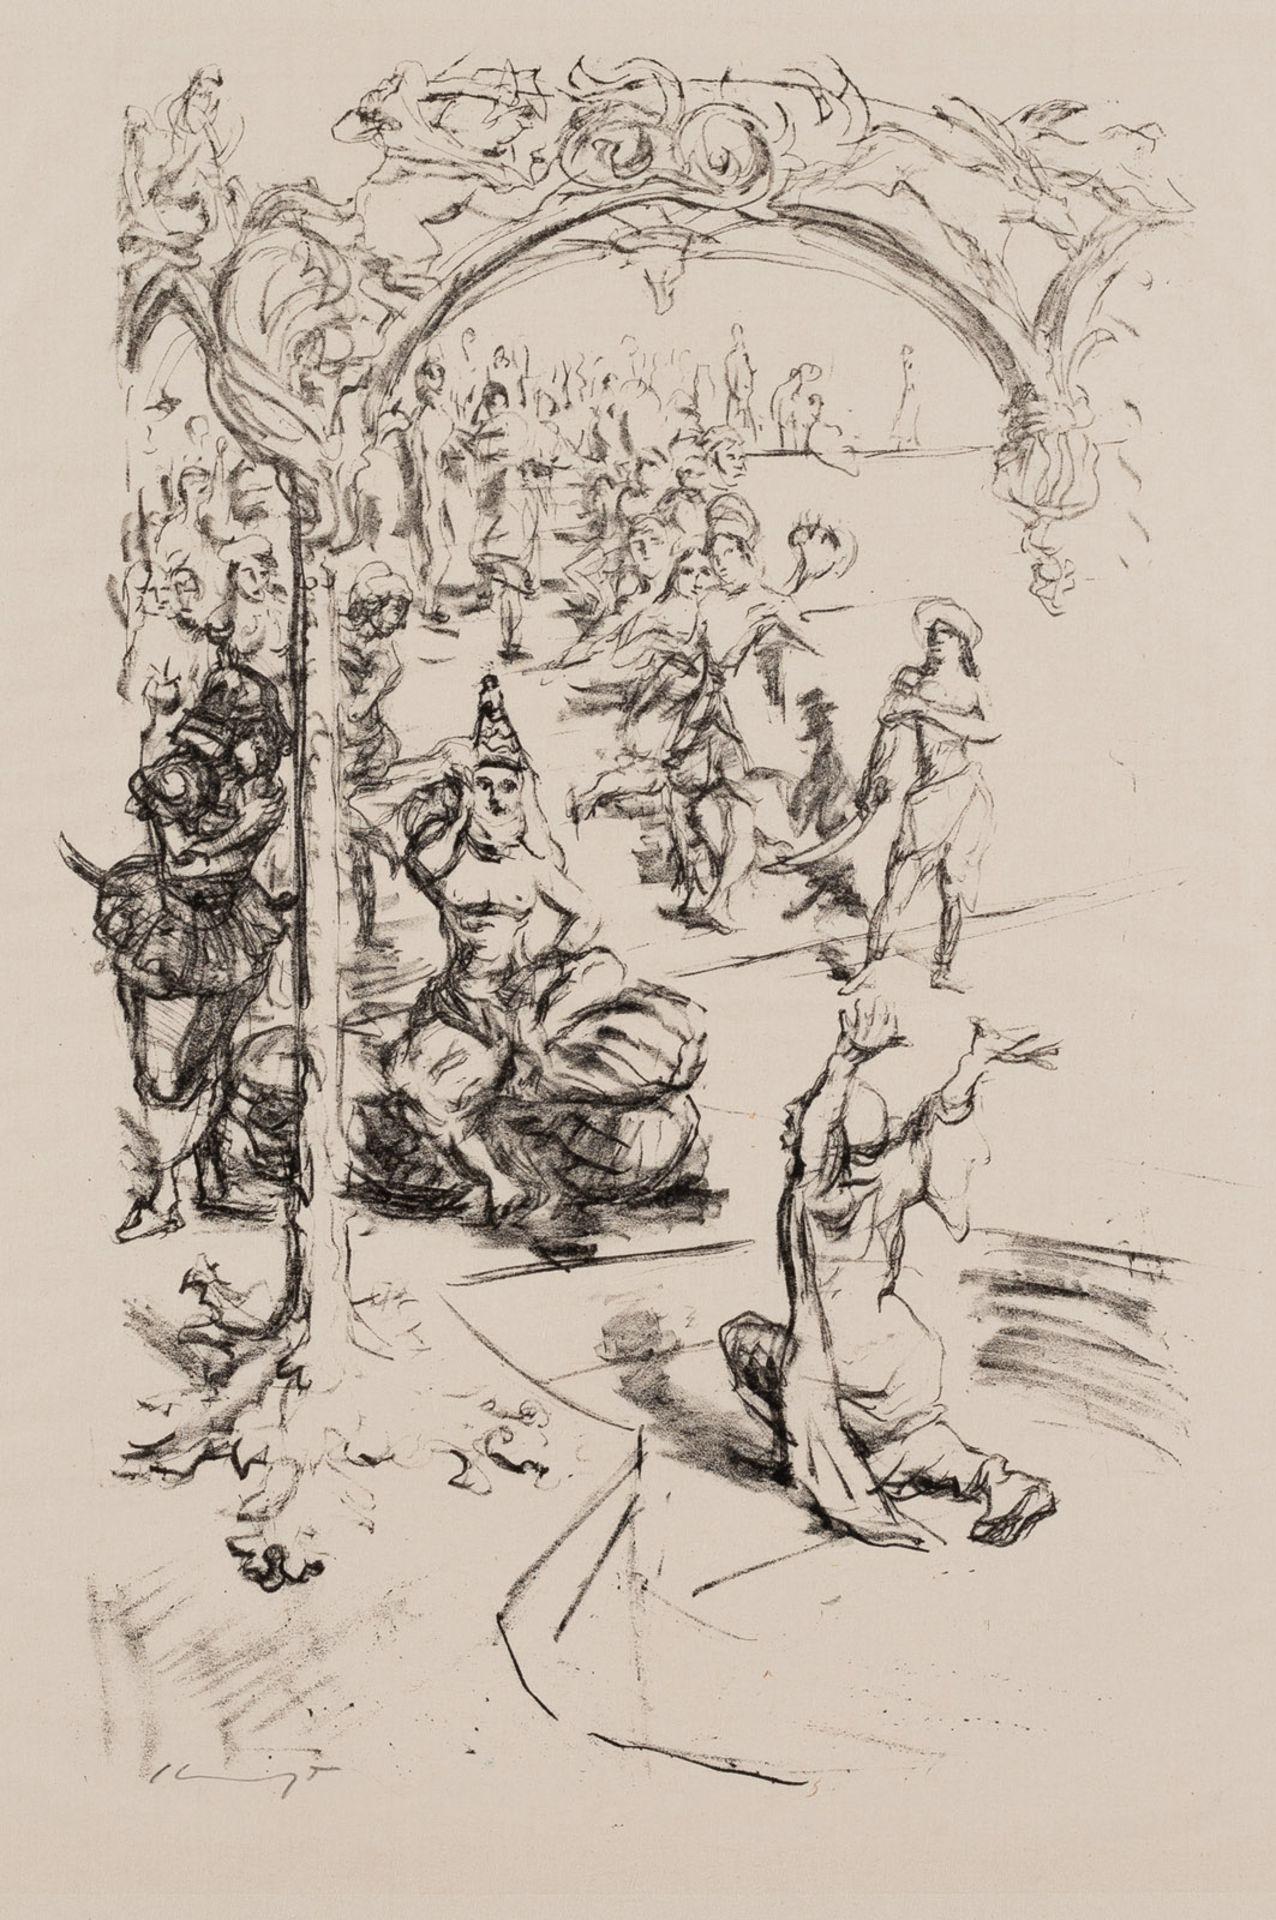 Slevogt, Max - Image 3 of 16